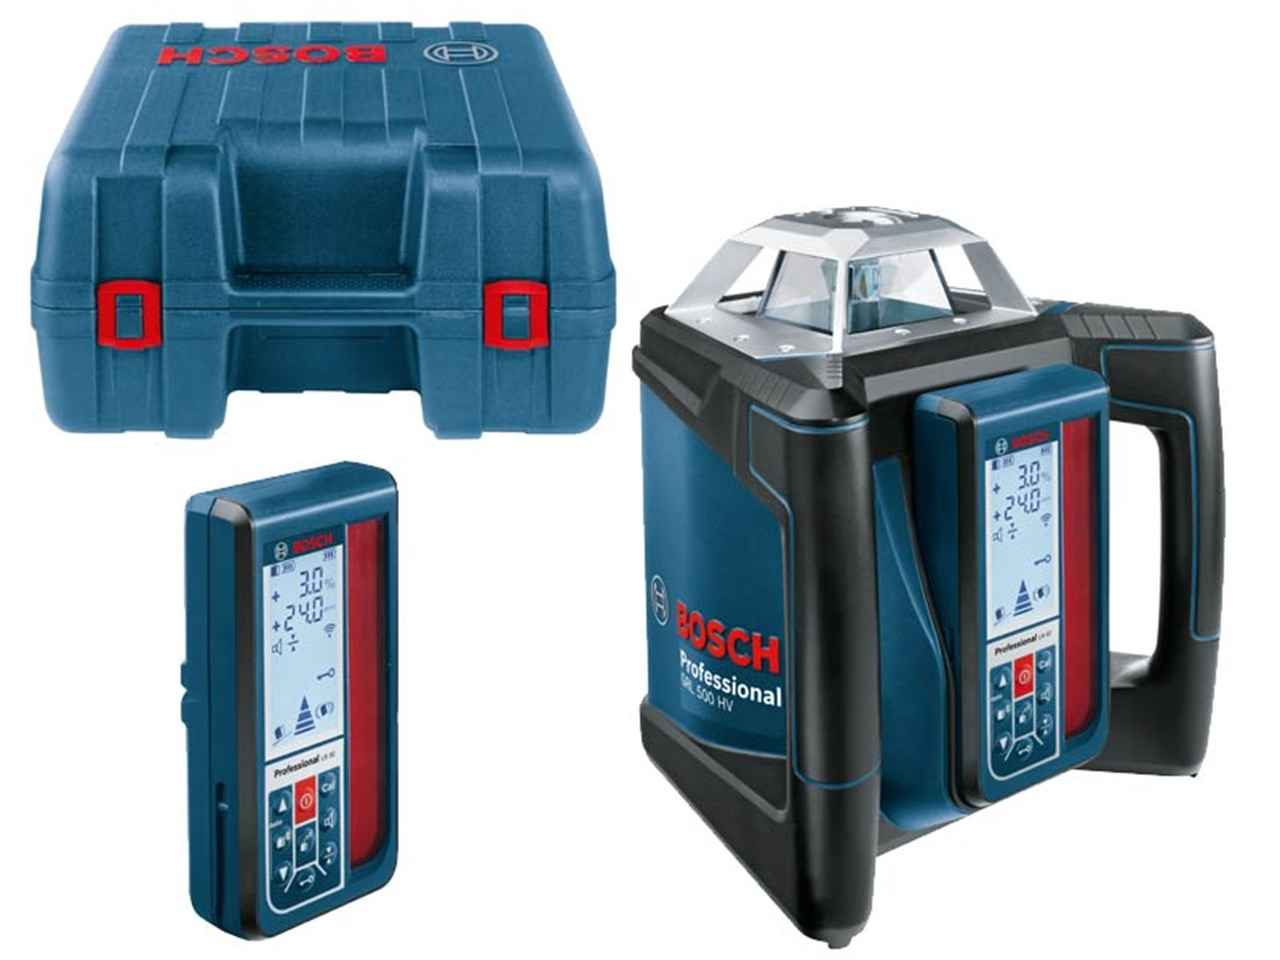 bosch grl500hv lr50 rotary laser level with receiver. Black Bedroom Furniture Sets. Home Design Ideas